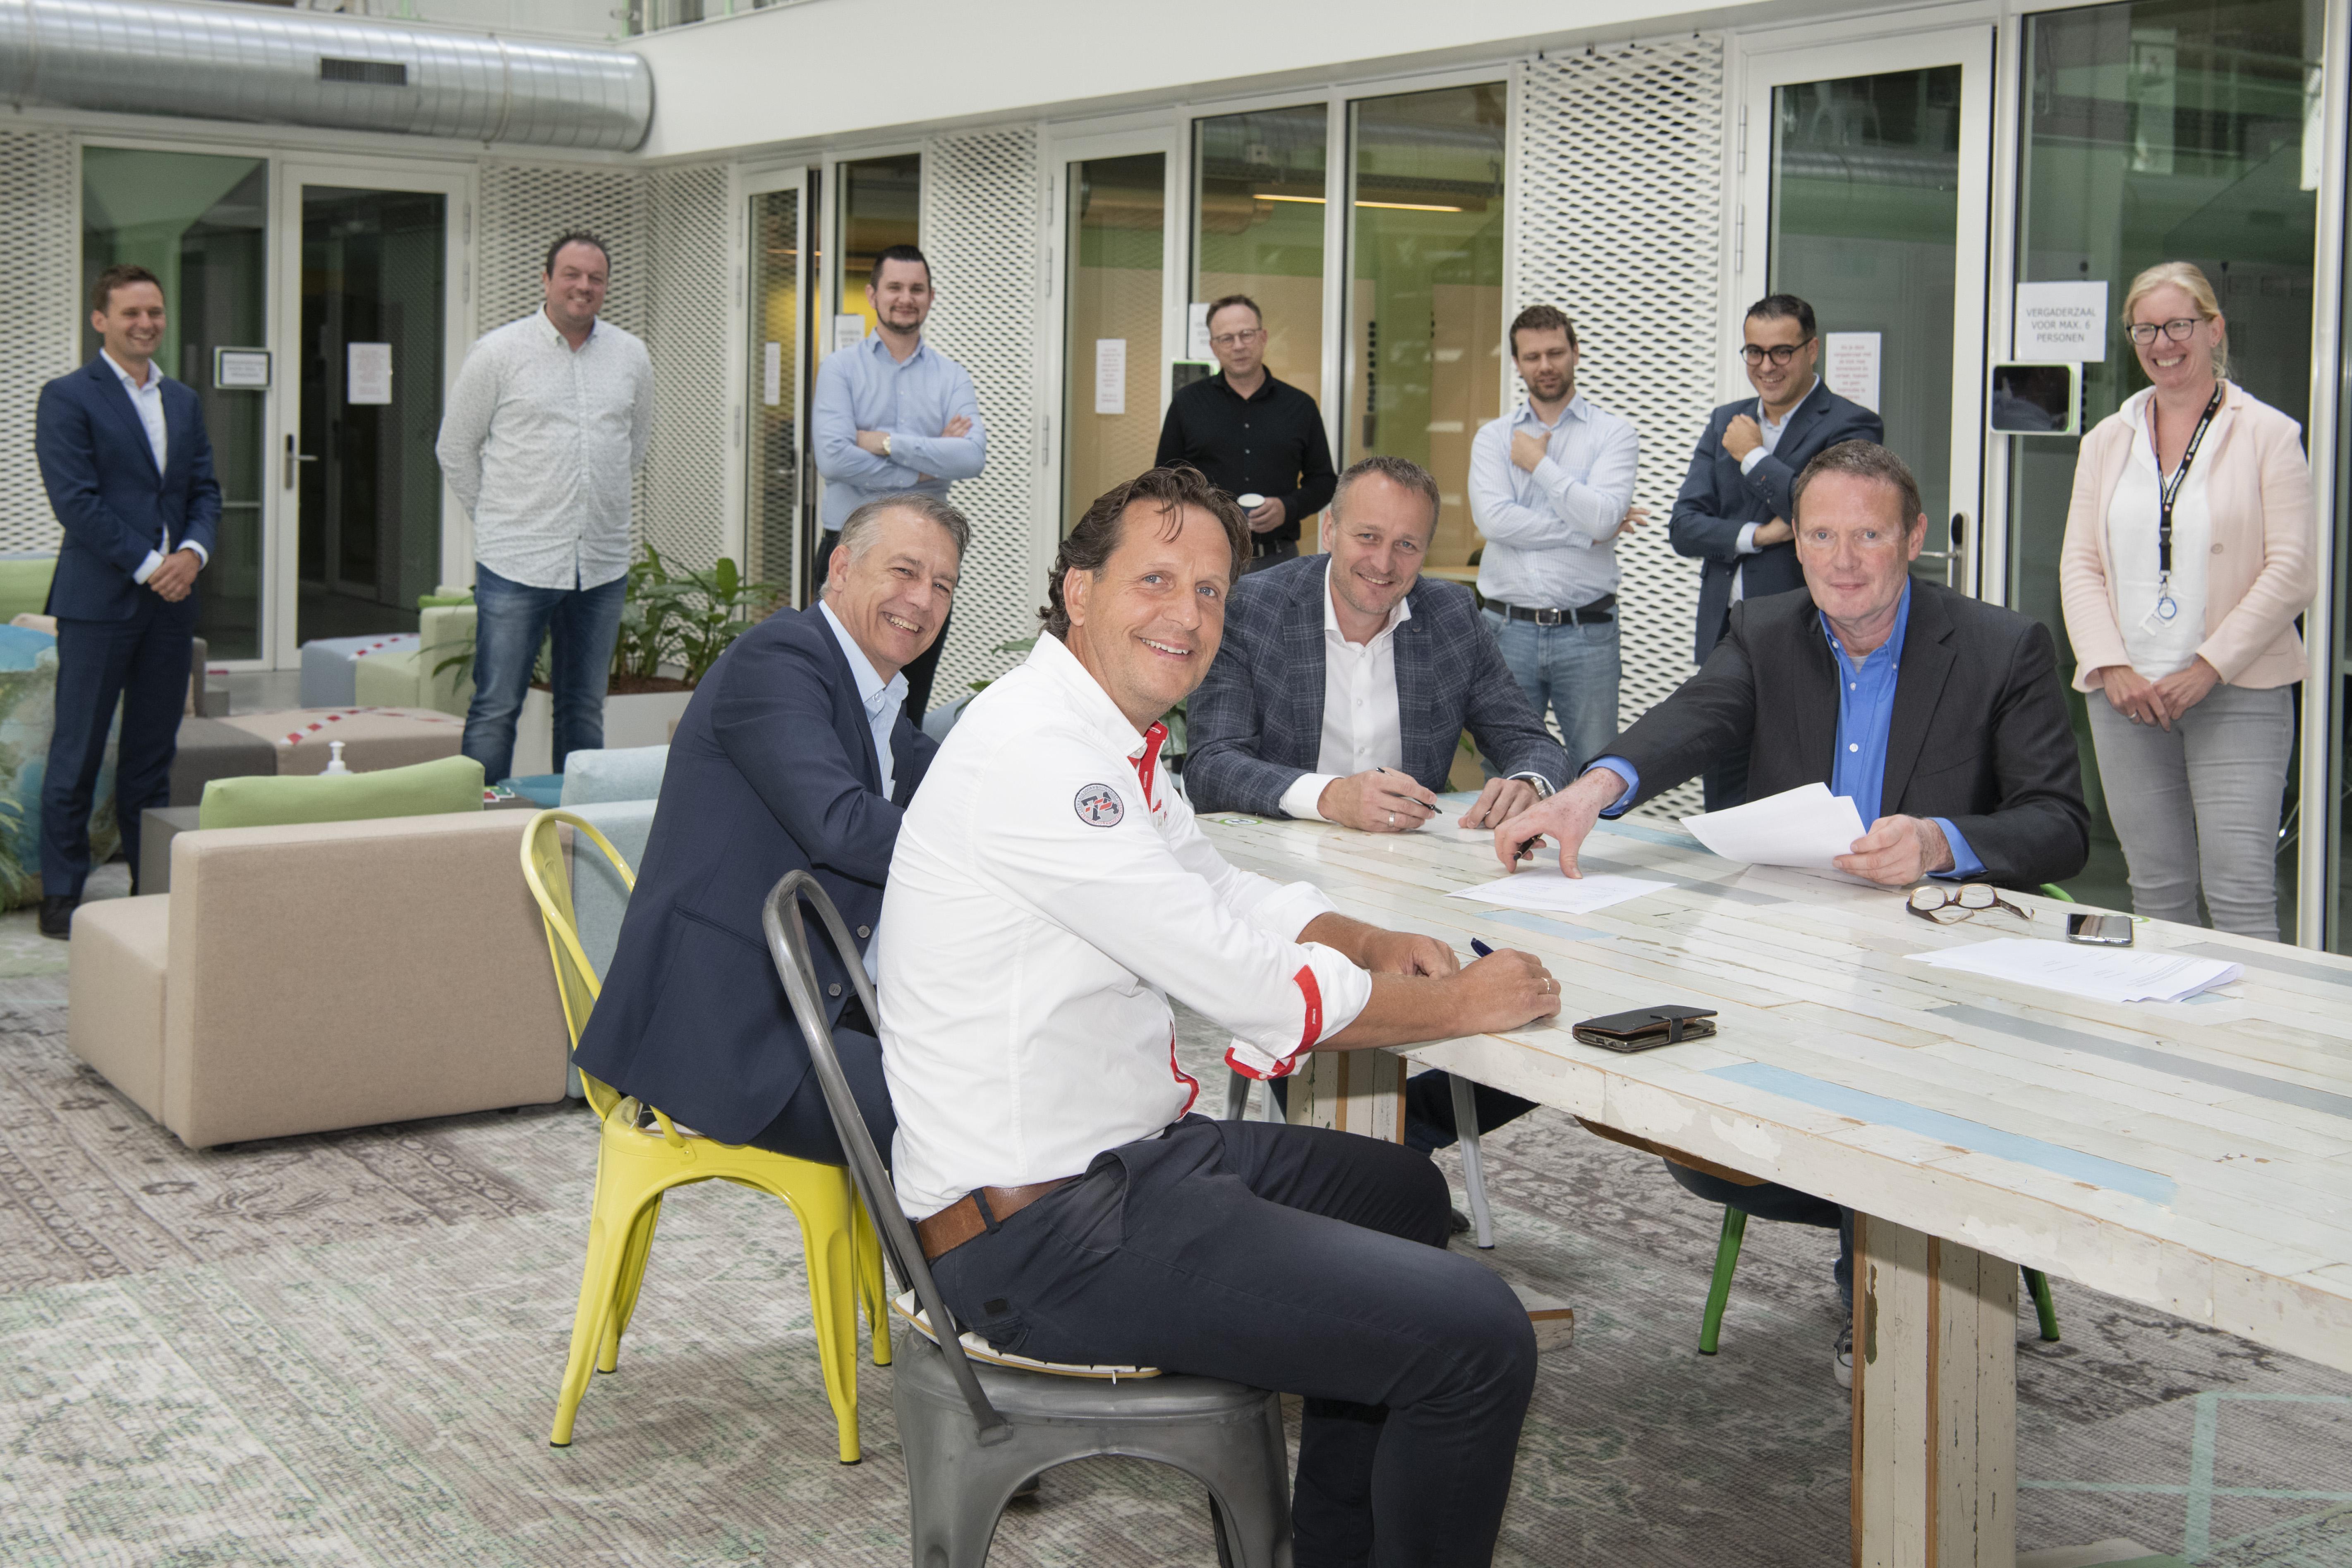 Dudok Wonen sluit deal met drie uitverkoren 'huisaannemers'; 'Onderhoud sneller en efficiënter uitgevoerd'